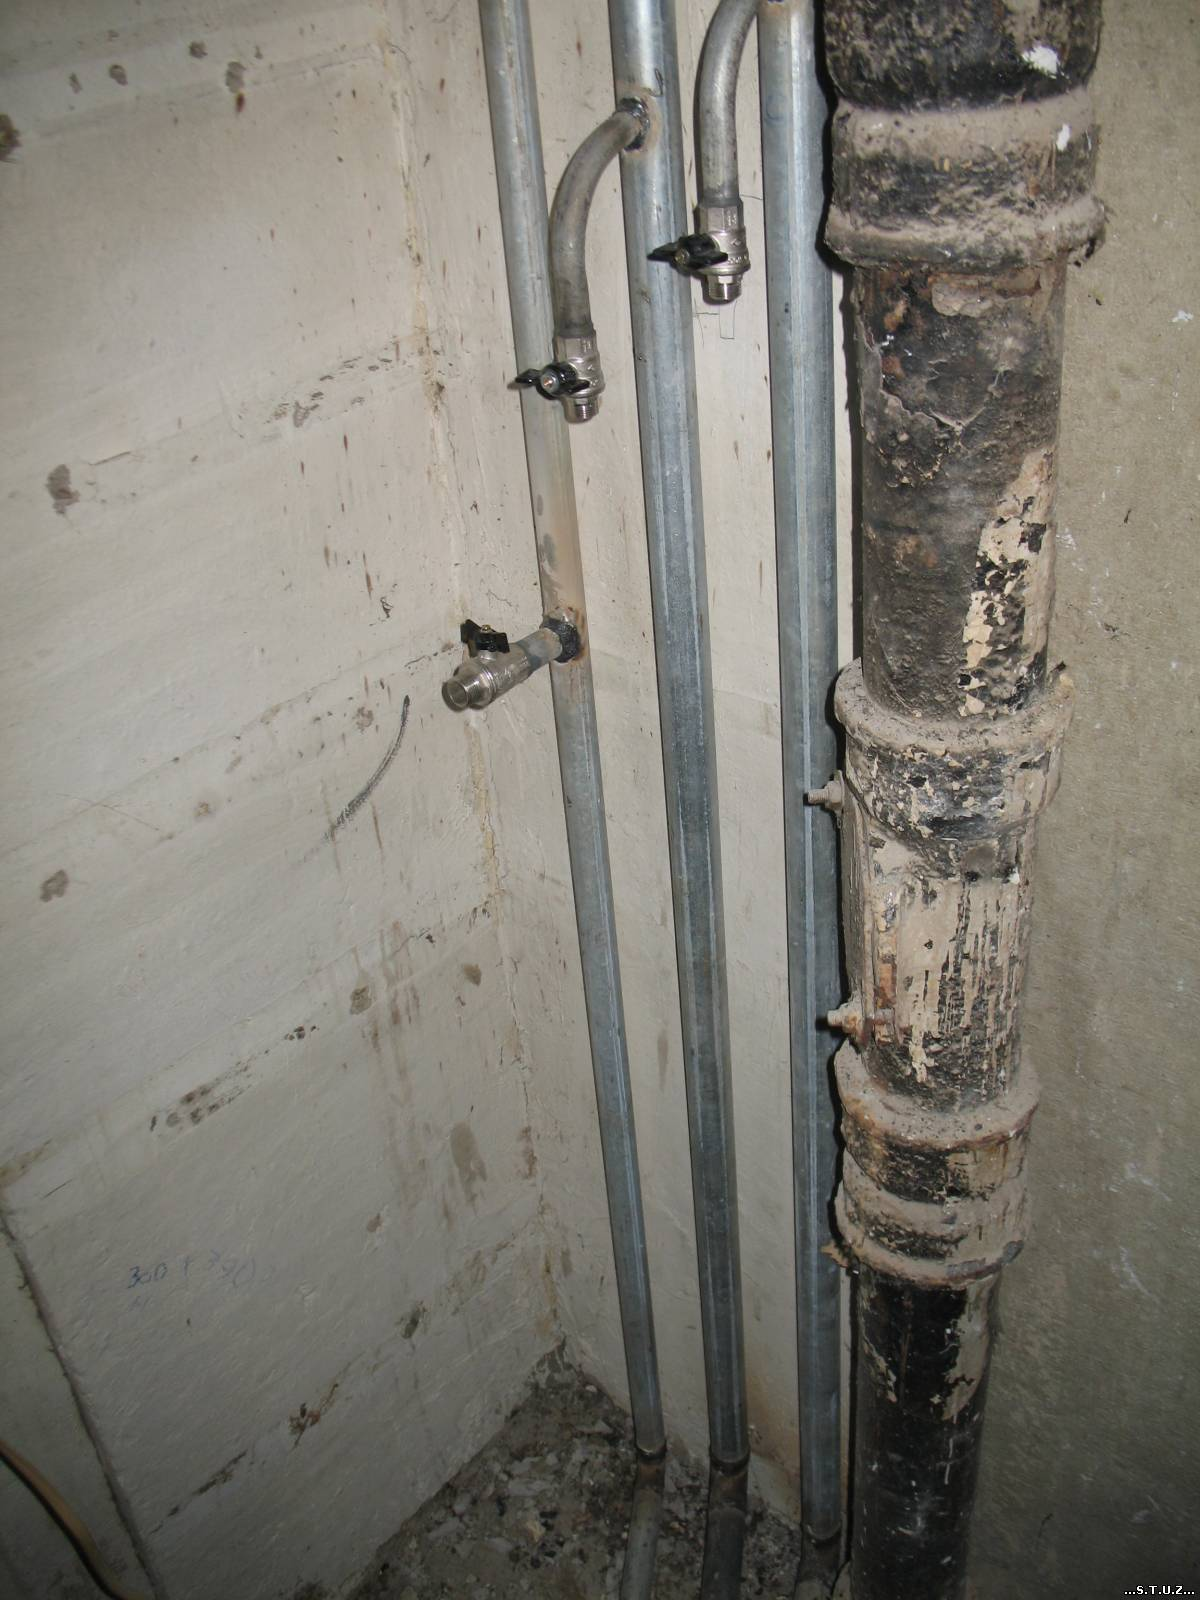 Замена стояков канализации и водоснабжения в квартире, в том числе на кухне и в туалете, и кто должен проводить ремонт по законодательству в многоквартирном доме?